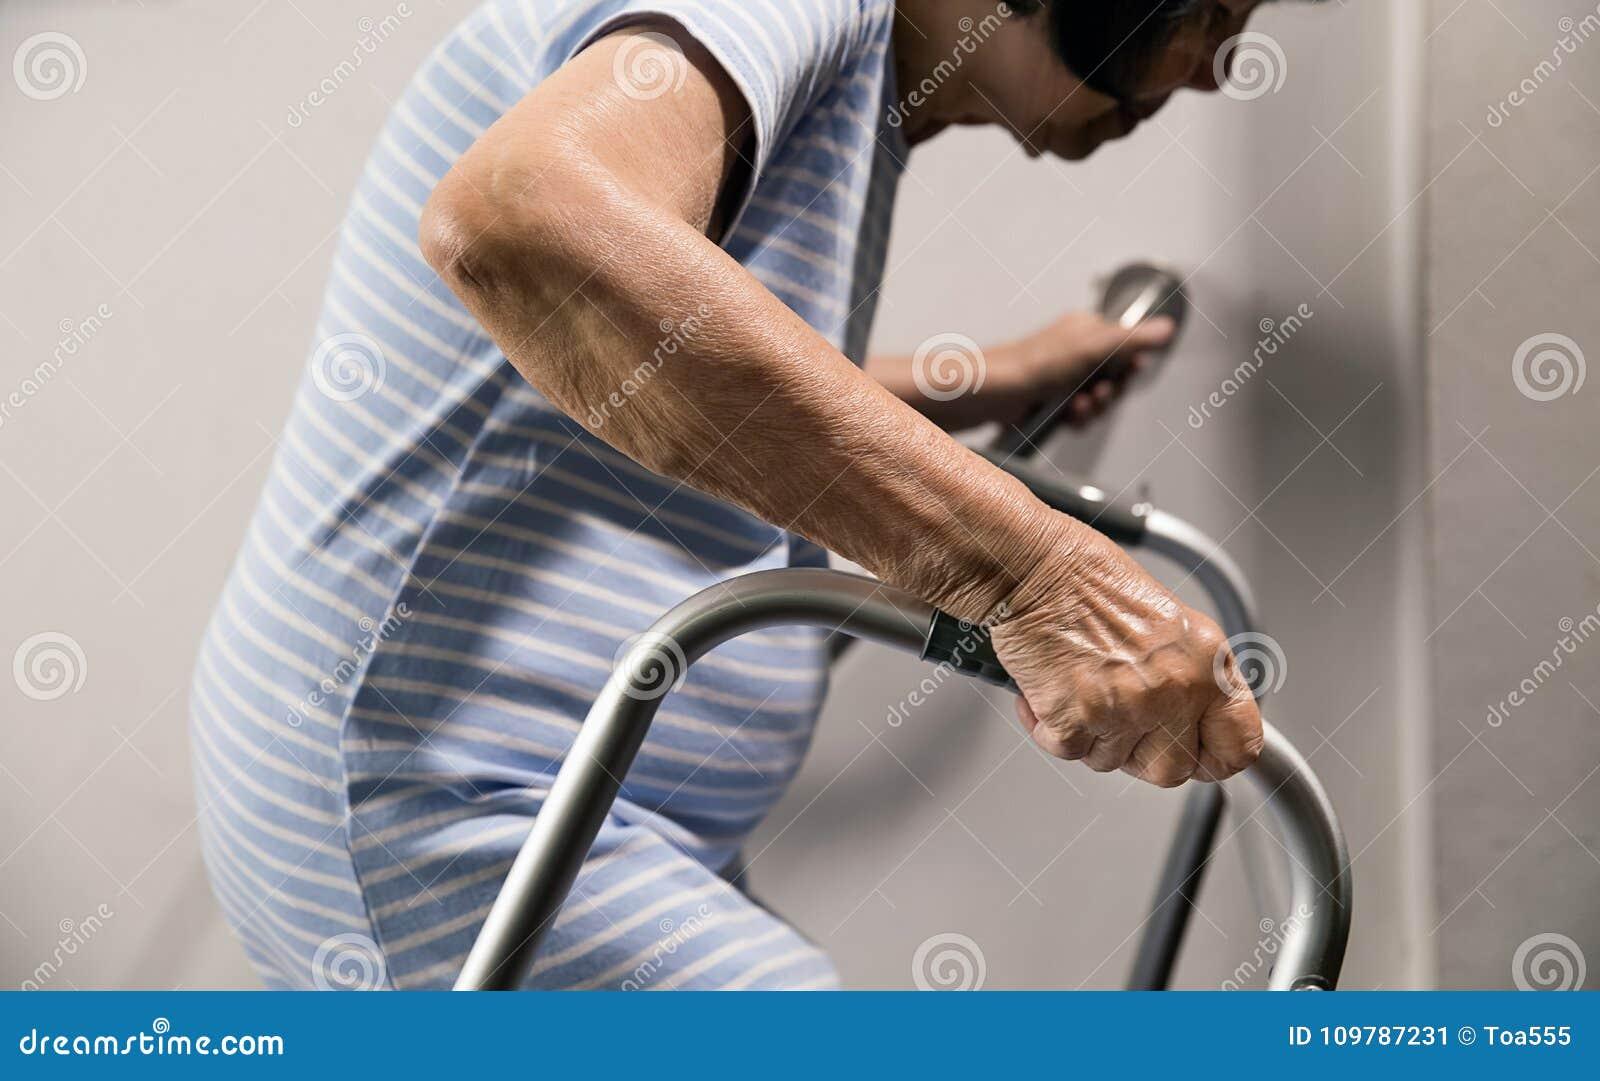 Starsza kobieta trzyma dalej poręcz i piechura dla bezpieczeństwa